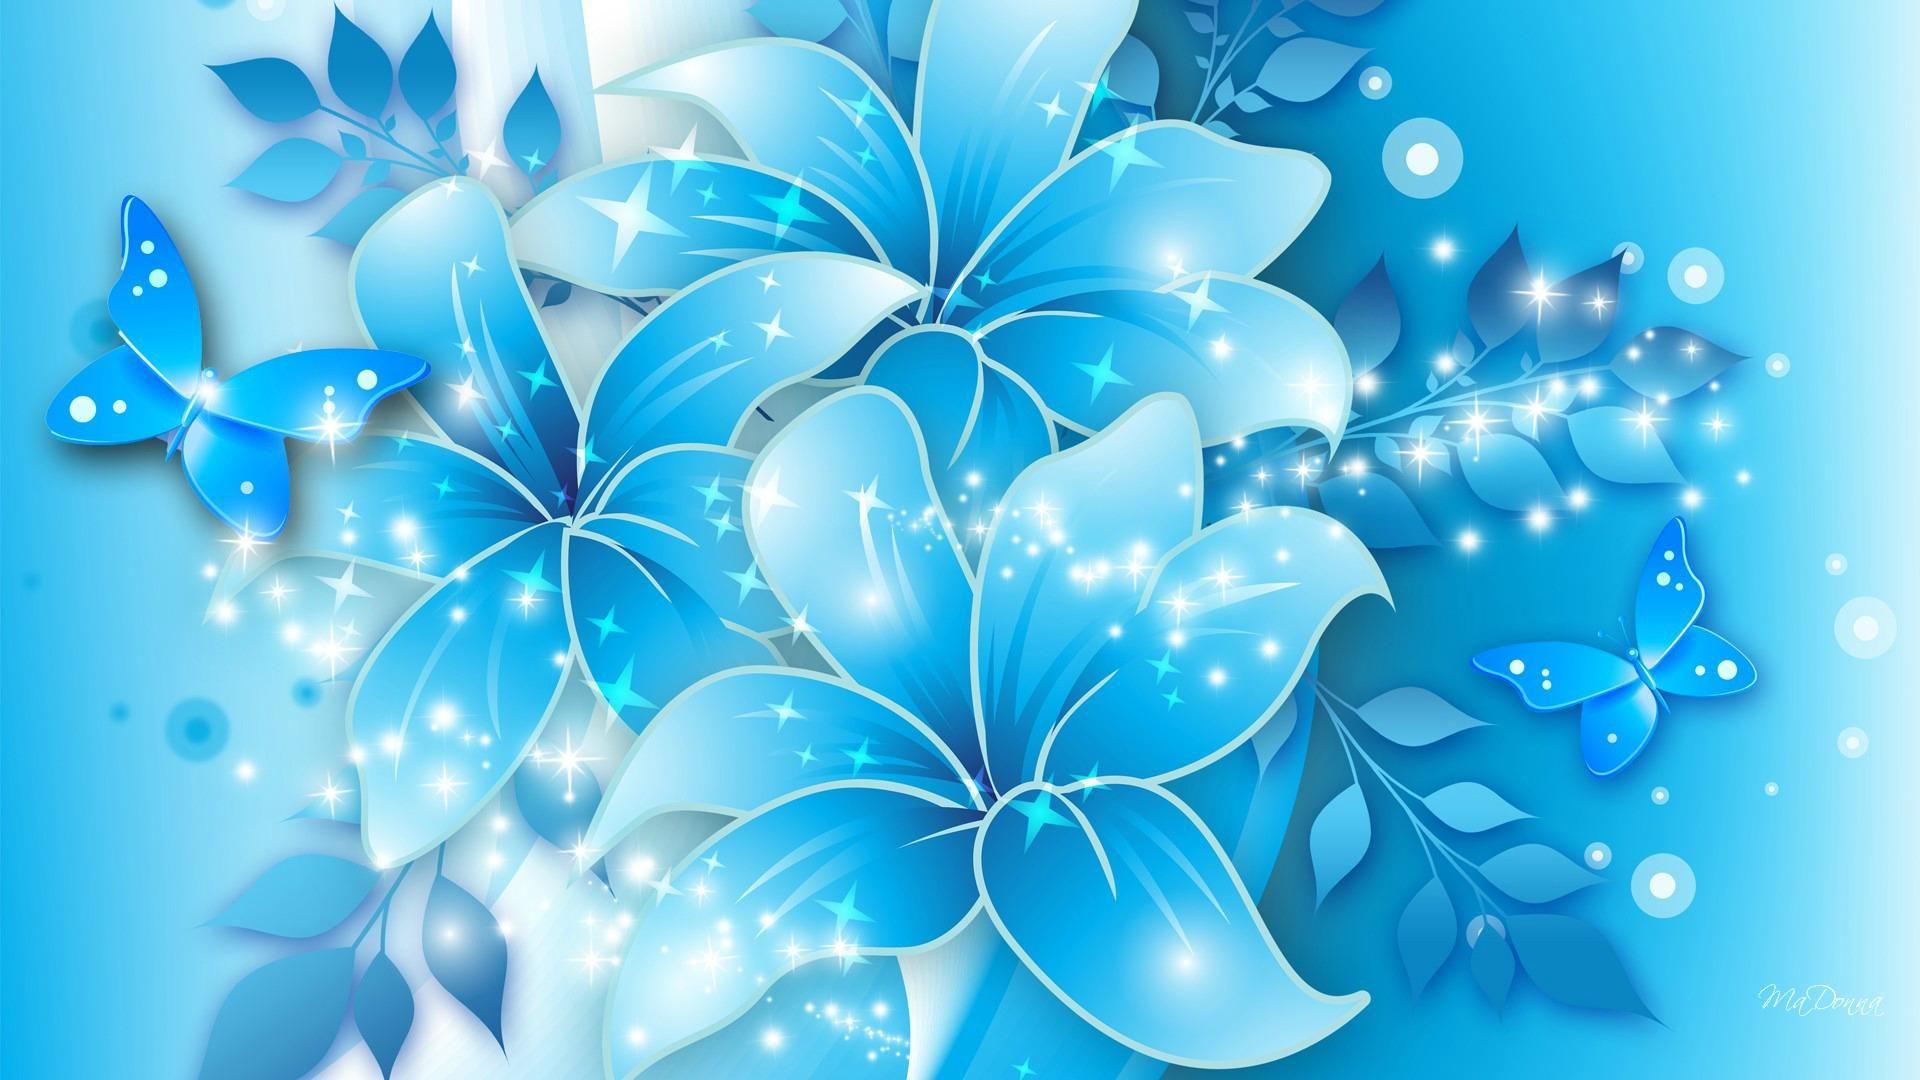 Light Blue Flowers Wallpapers Walljpeg